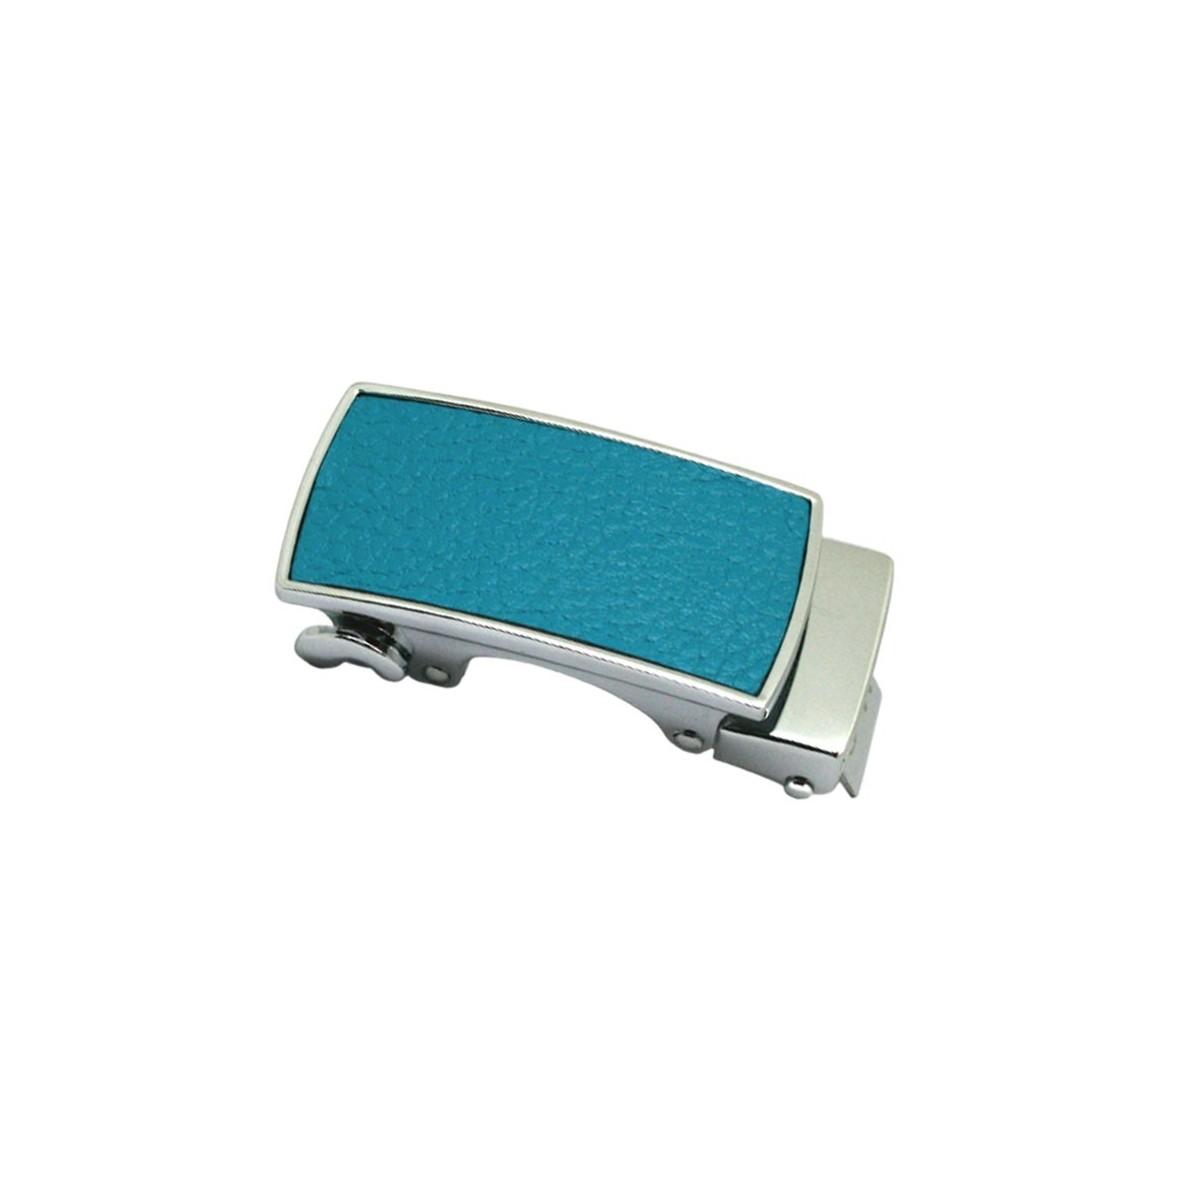 Boucle de ceinture Femme argentée à fermeture automatique plaque grain cuir bleu turquoise                      ouge